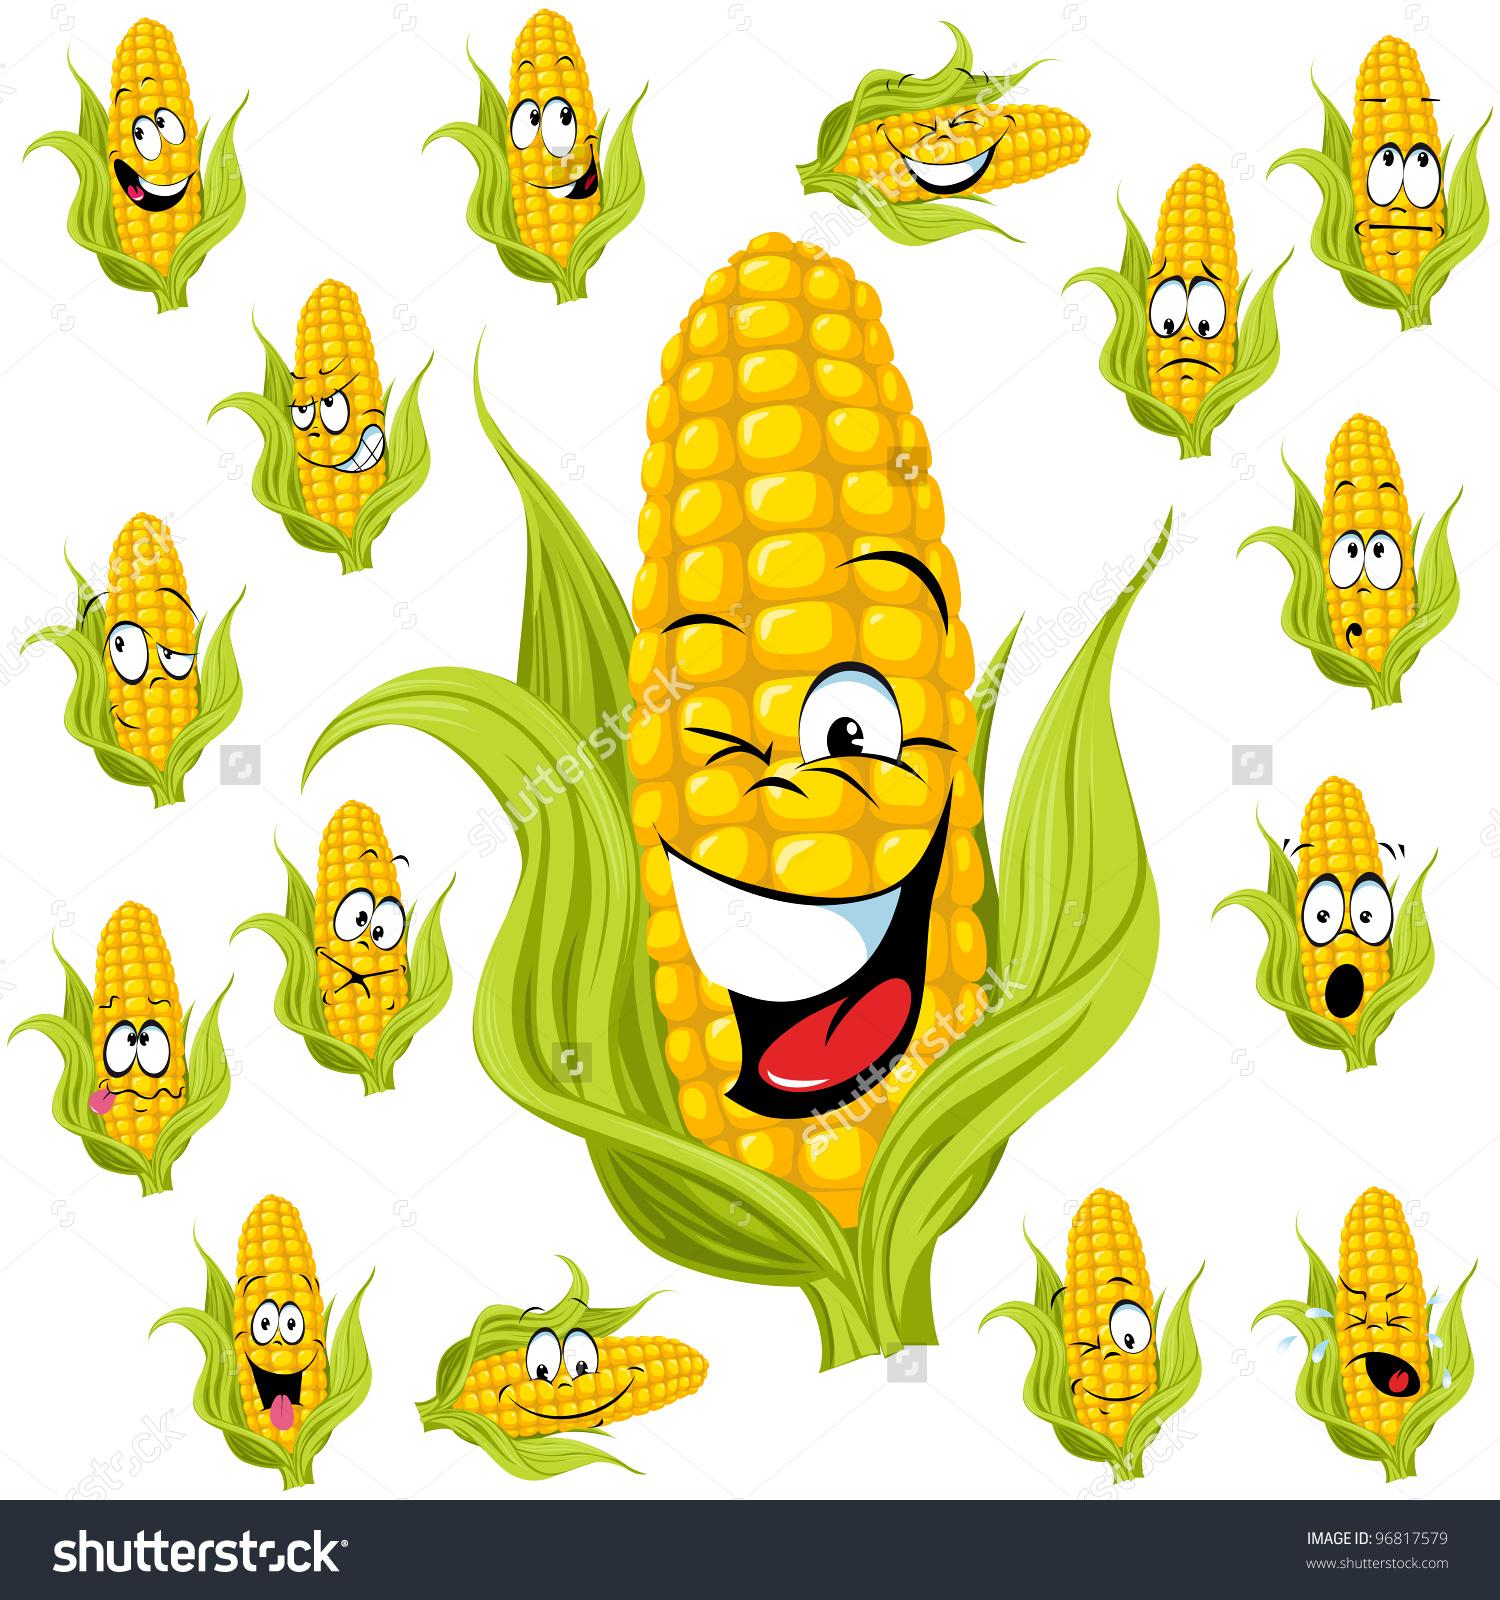 Sweet Corn Cartoon Many Expressions Stock Vector 96817579.